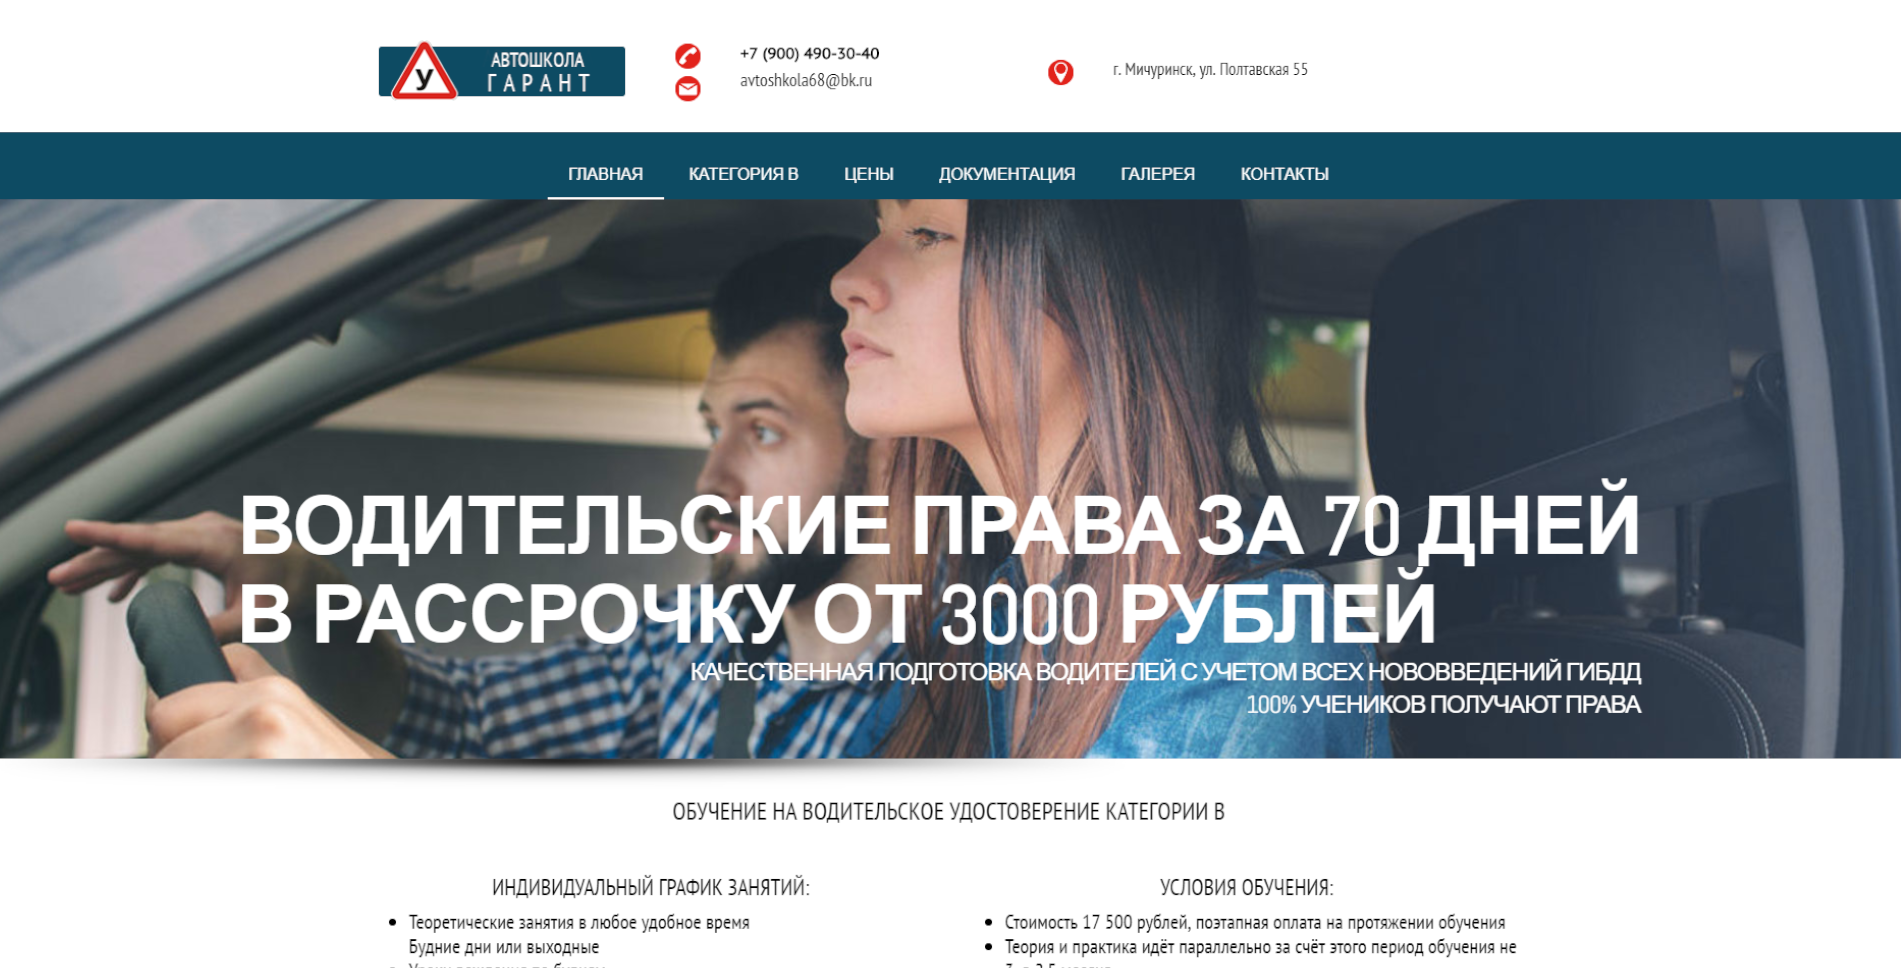 autoshkola-garant.ru